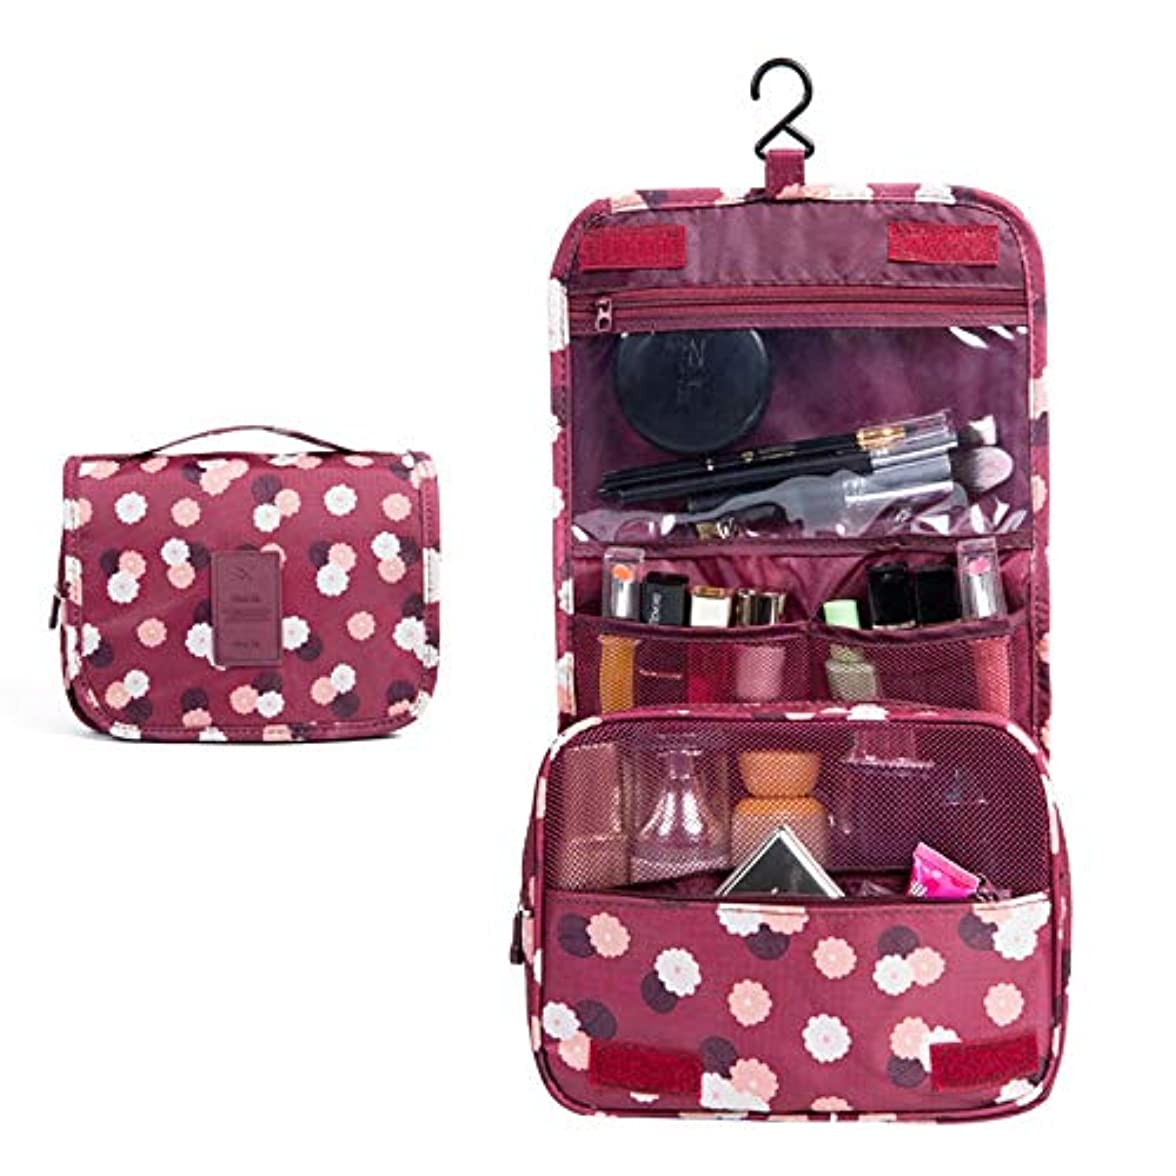 化粧オーガナイザーバッグ ポータブル旅行折りたたみフックオーガナイザーバッグトイレタリーバッグを作る化粧品バッグブルーフラワー 化粧品ケース (色 : 赤)